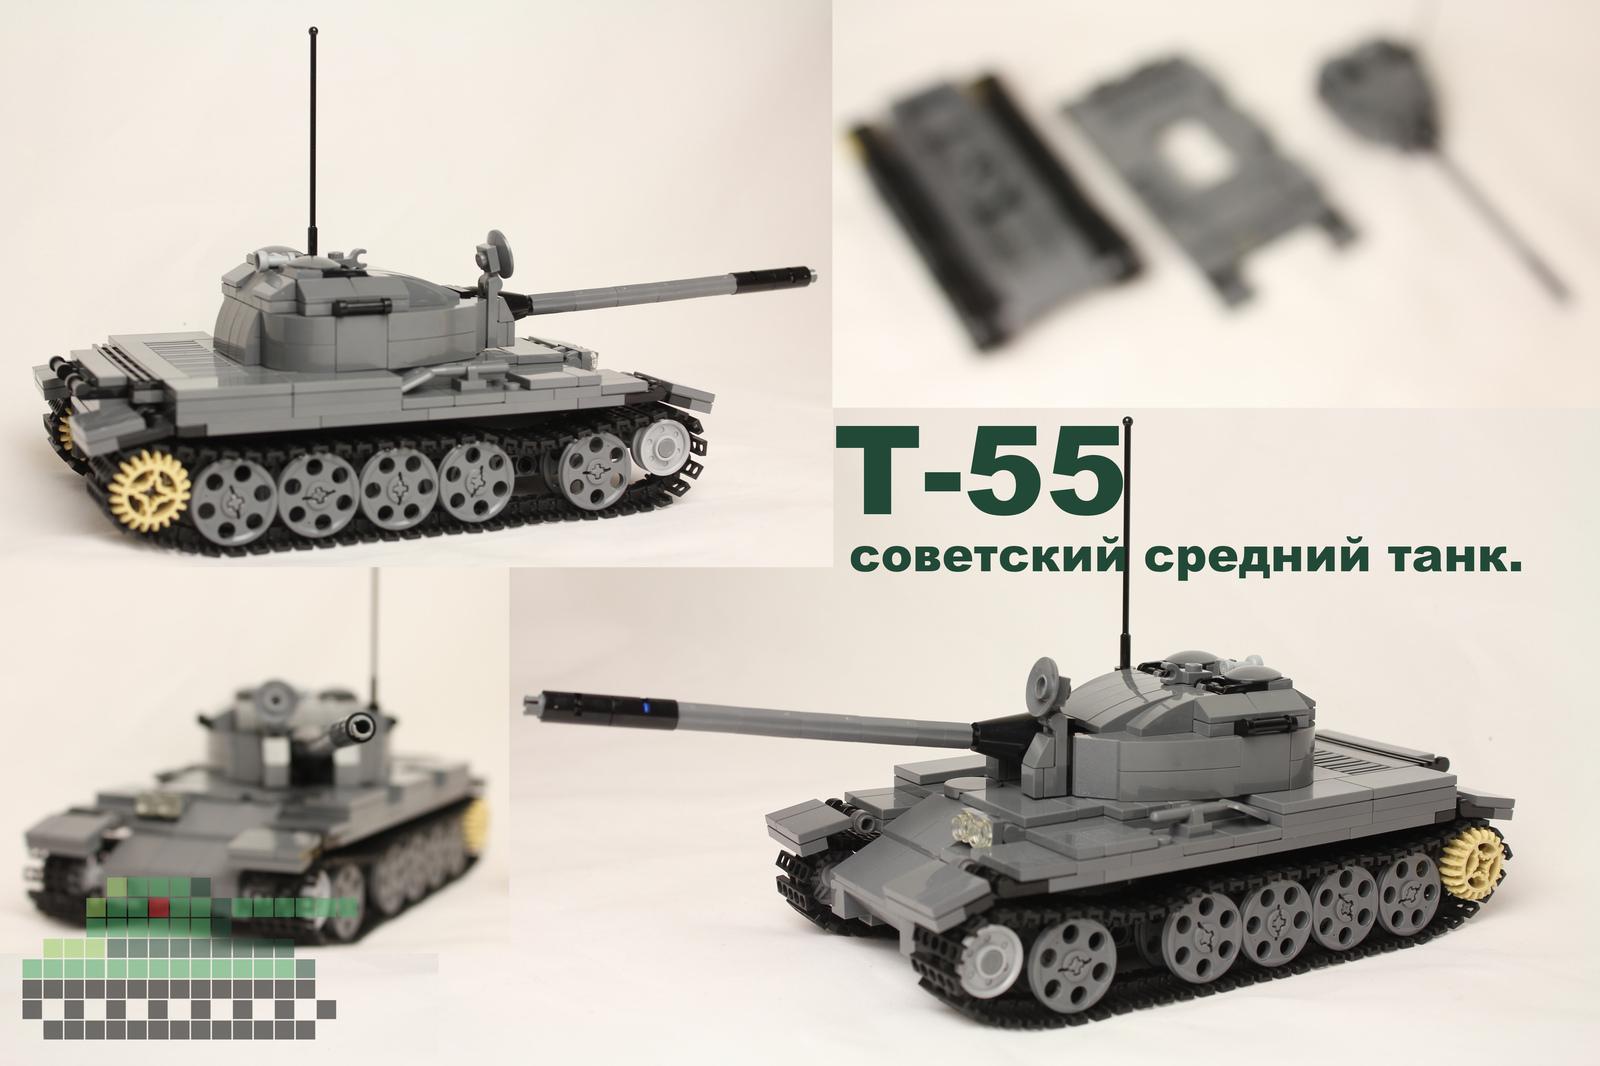 Гдекупить танк 22 средний когда появится в продаже скорпион g wot